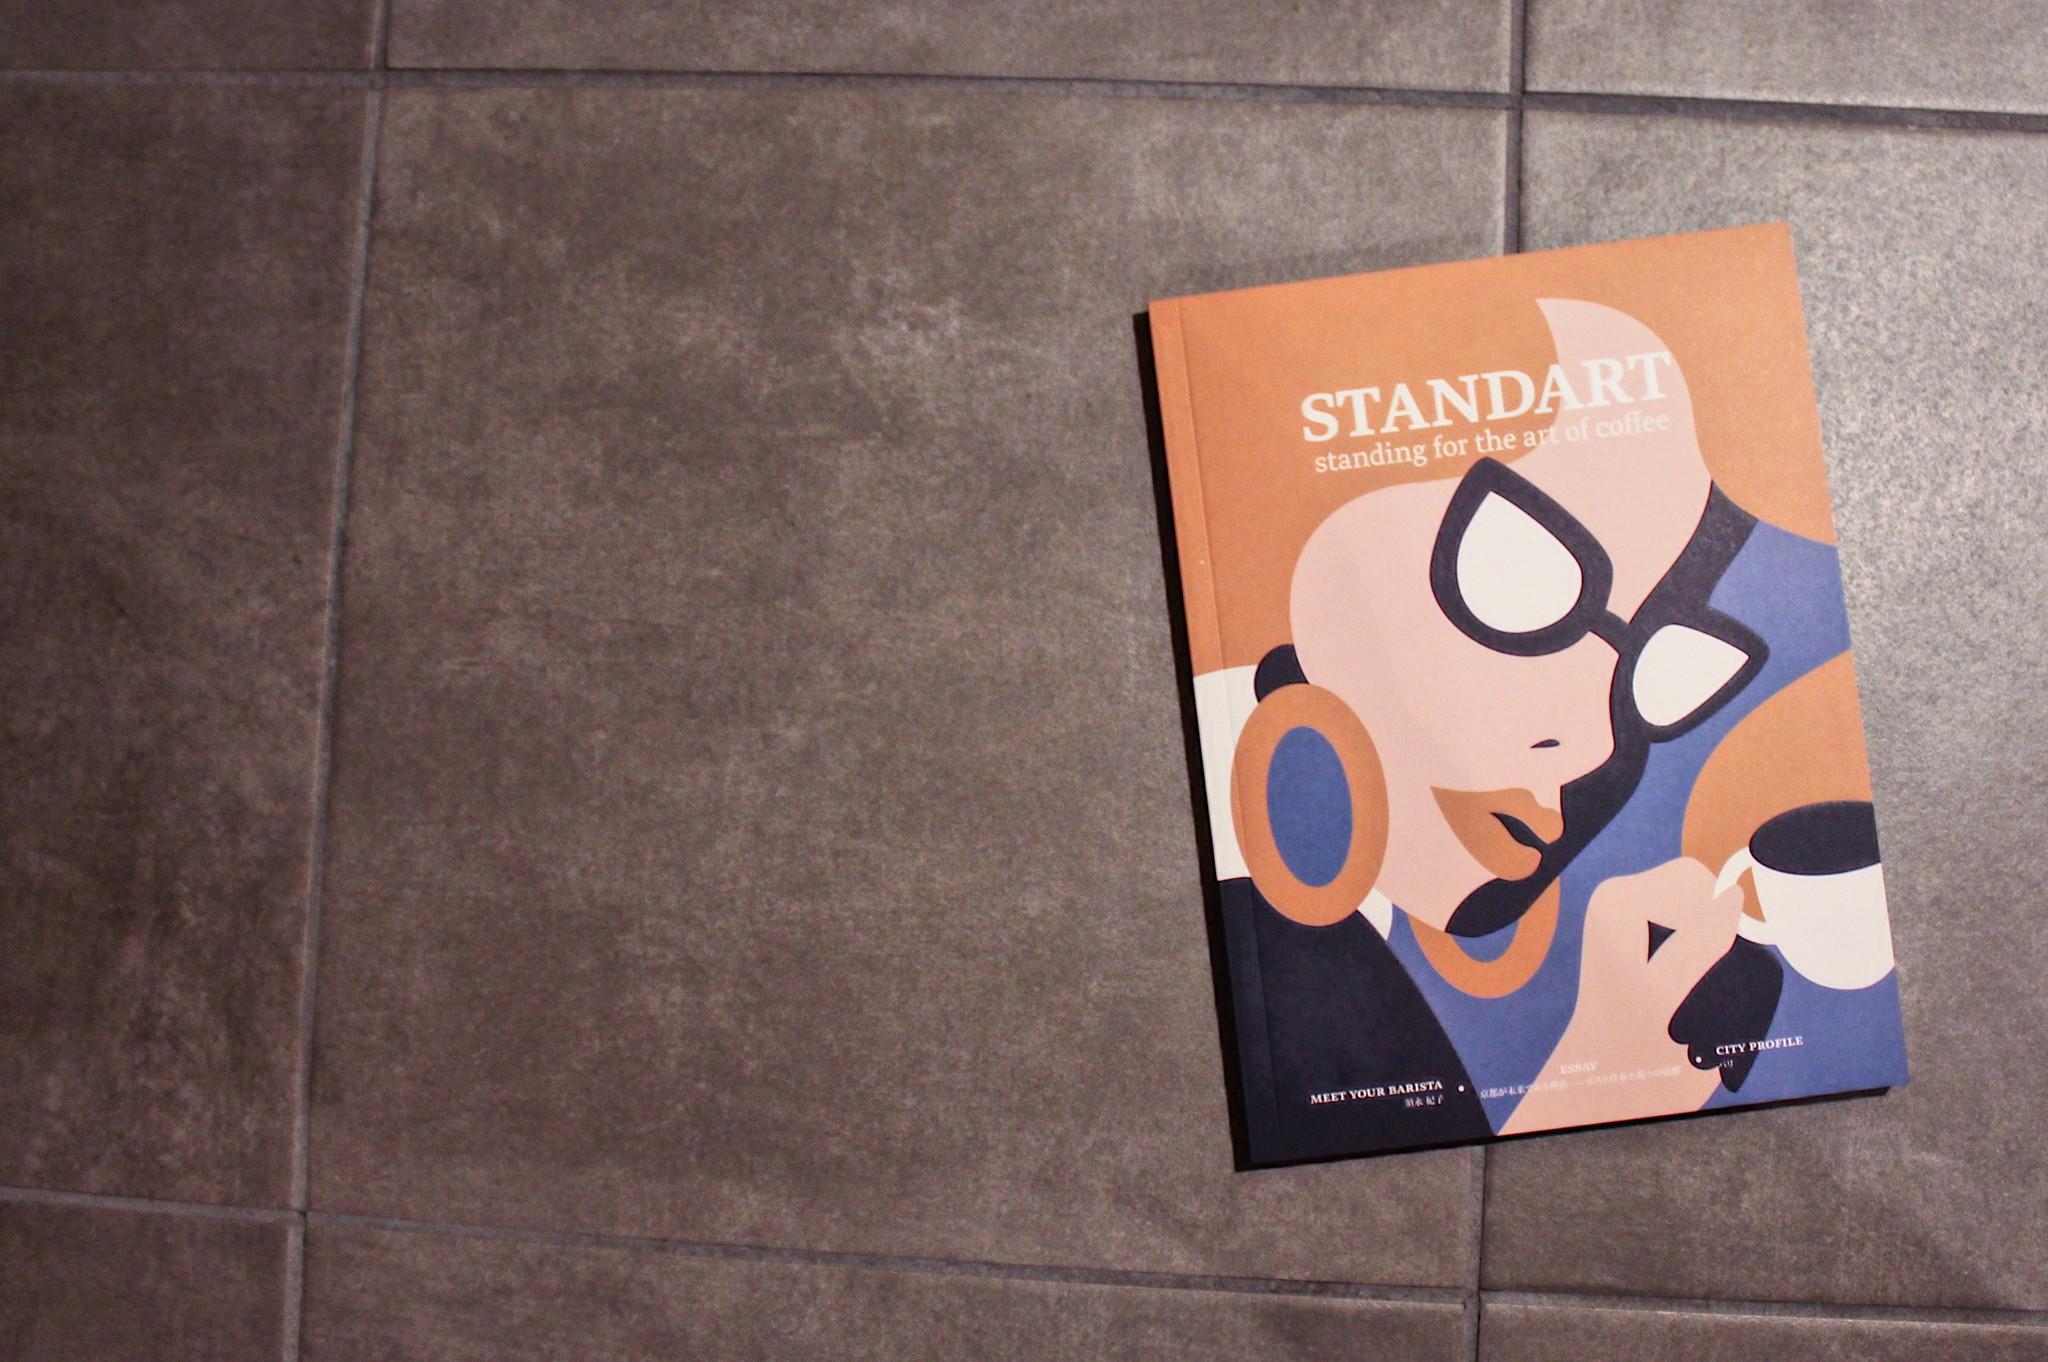 コーヒーカルチャー誌『Standart Japan - Issue 10』にエッセイを寄稿しました。